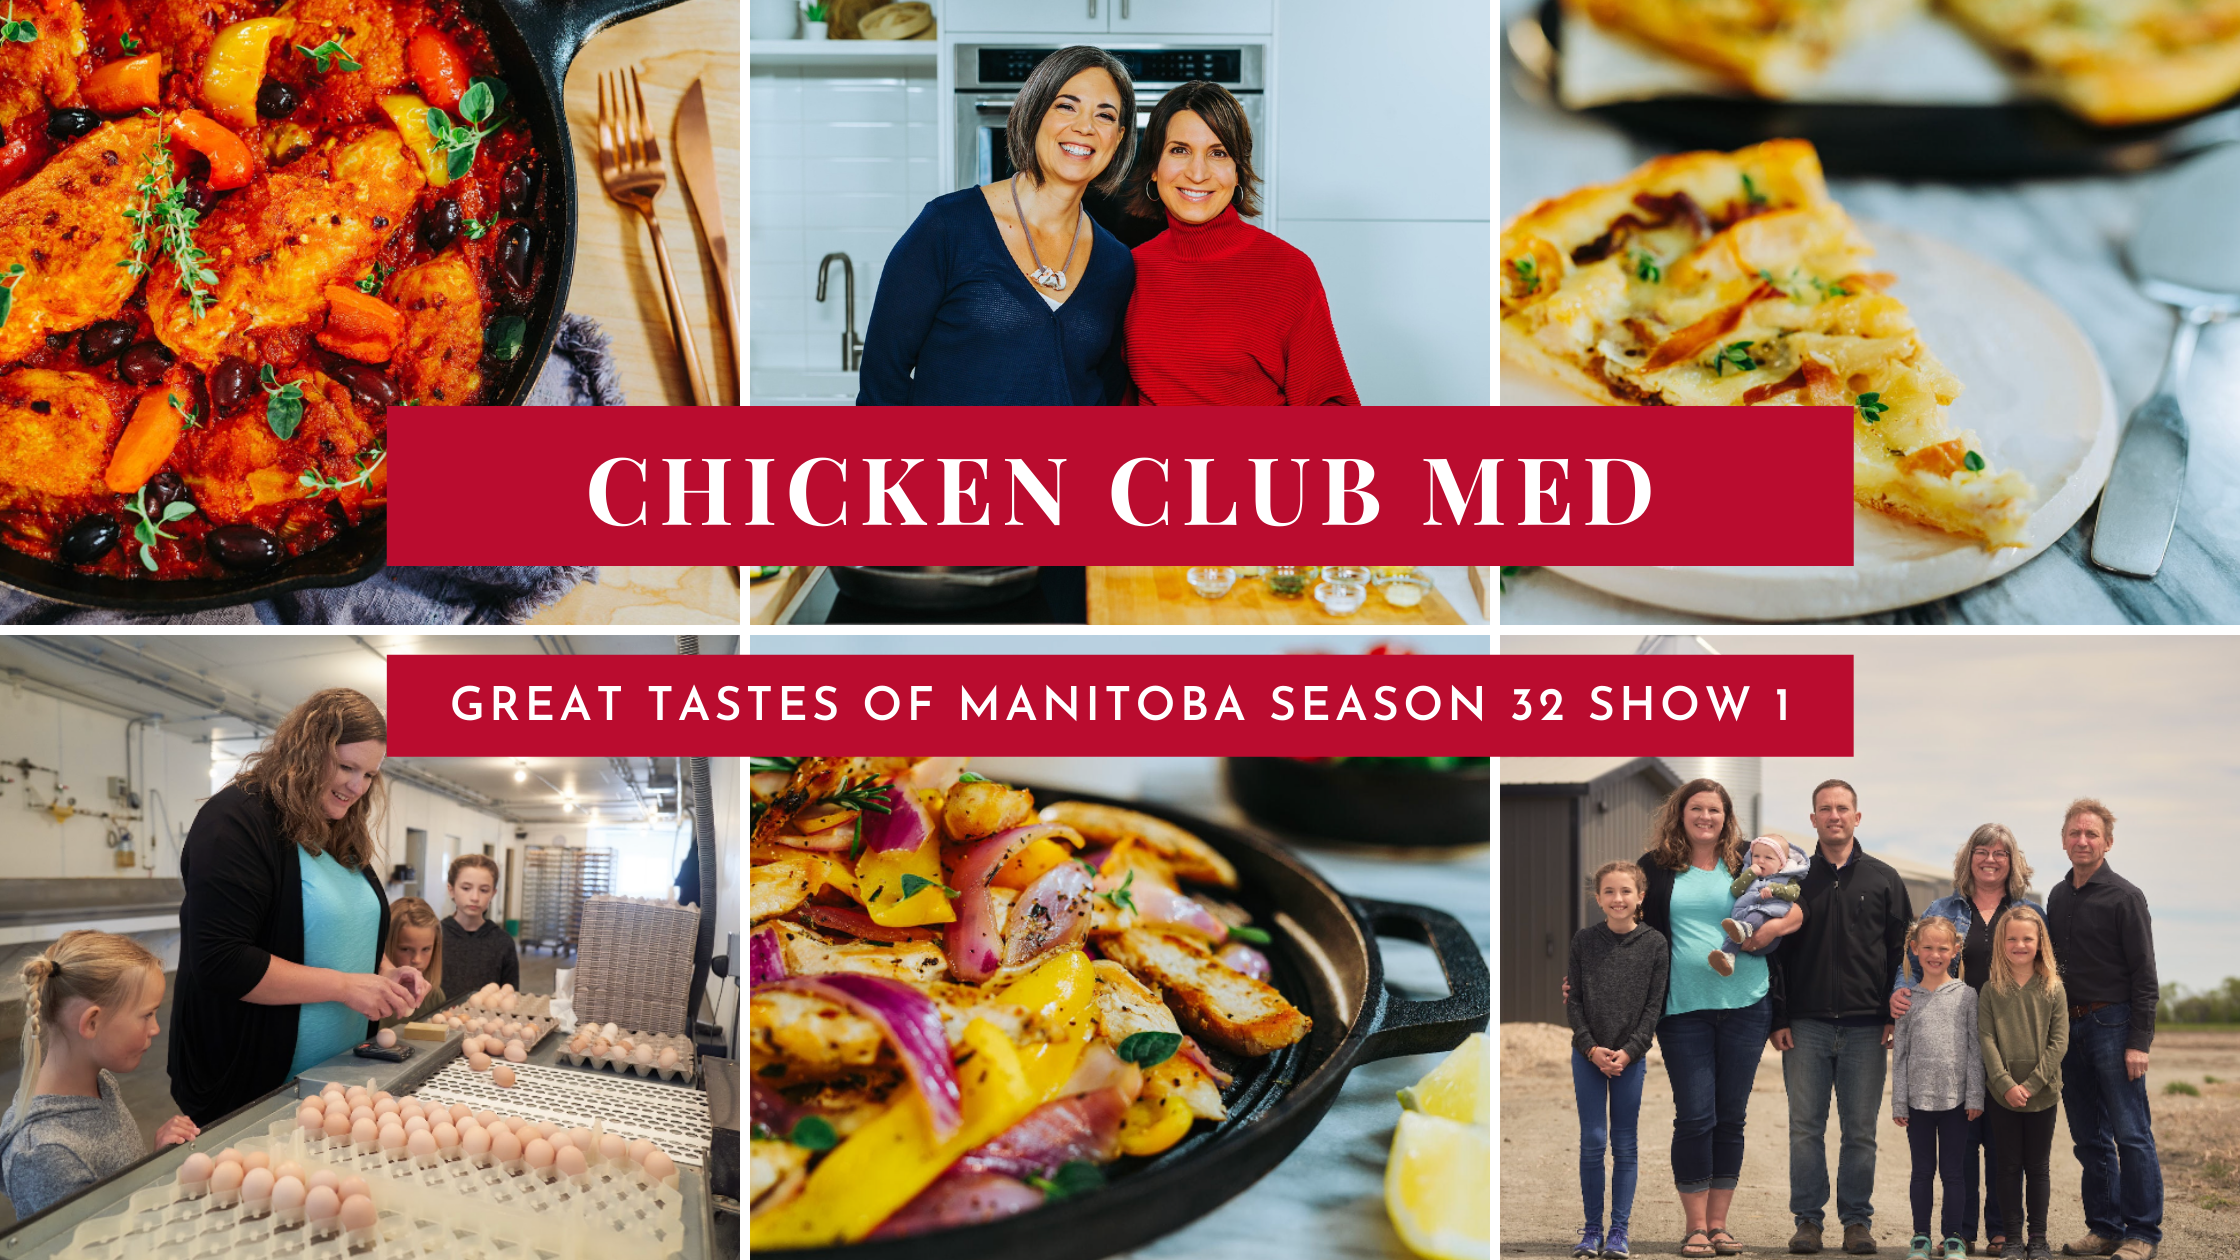 Great Tastes of Manitoba Season 32 Show 1 Chicken Club Med